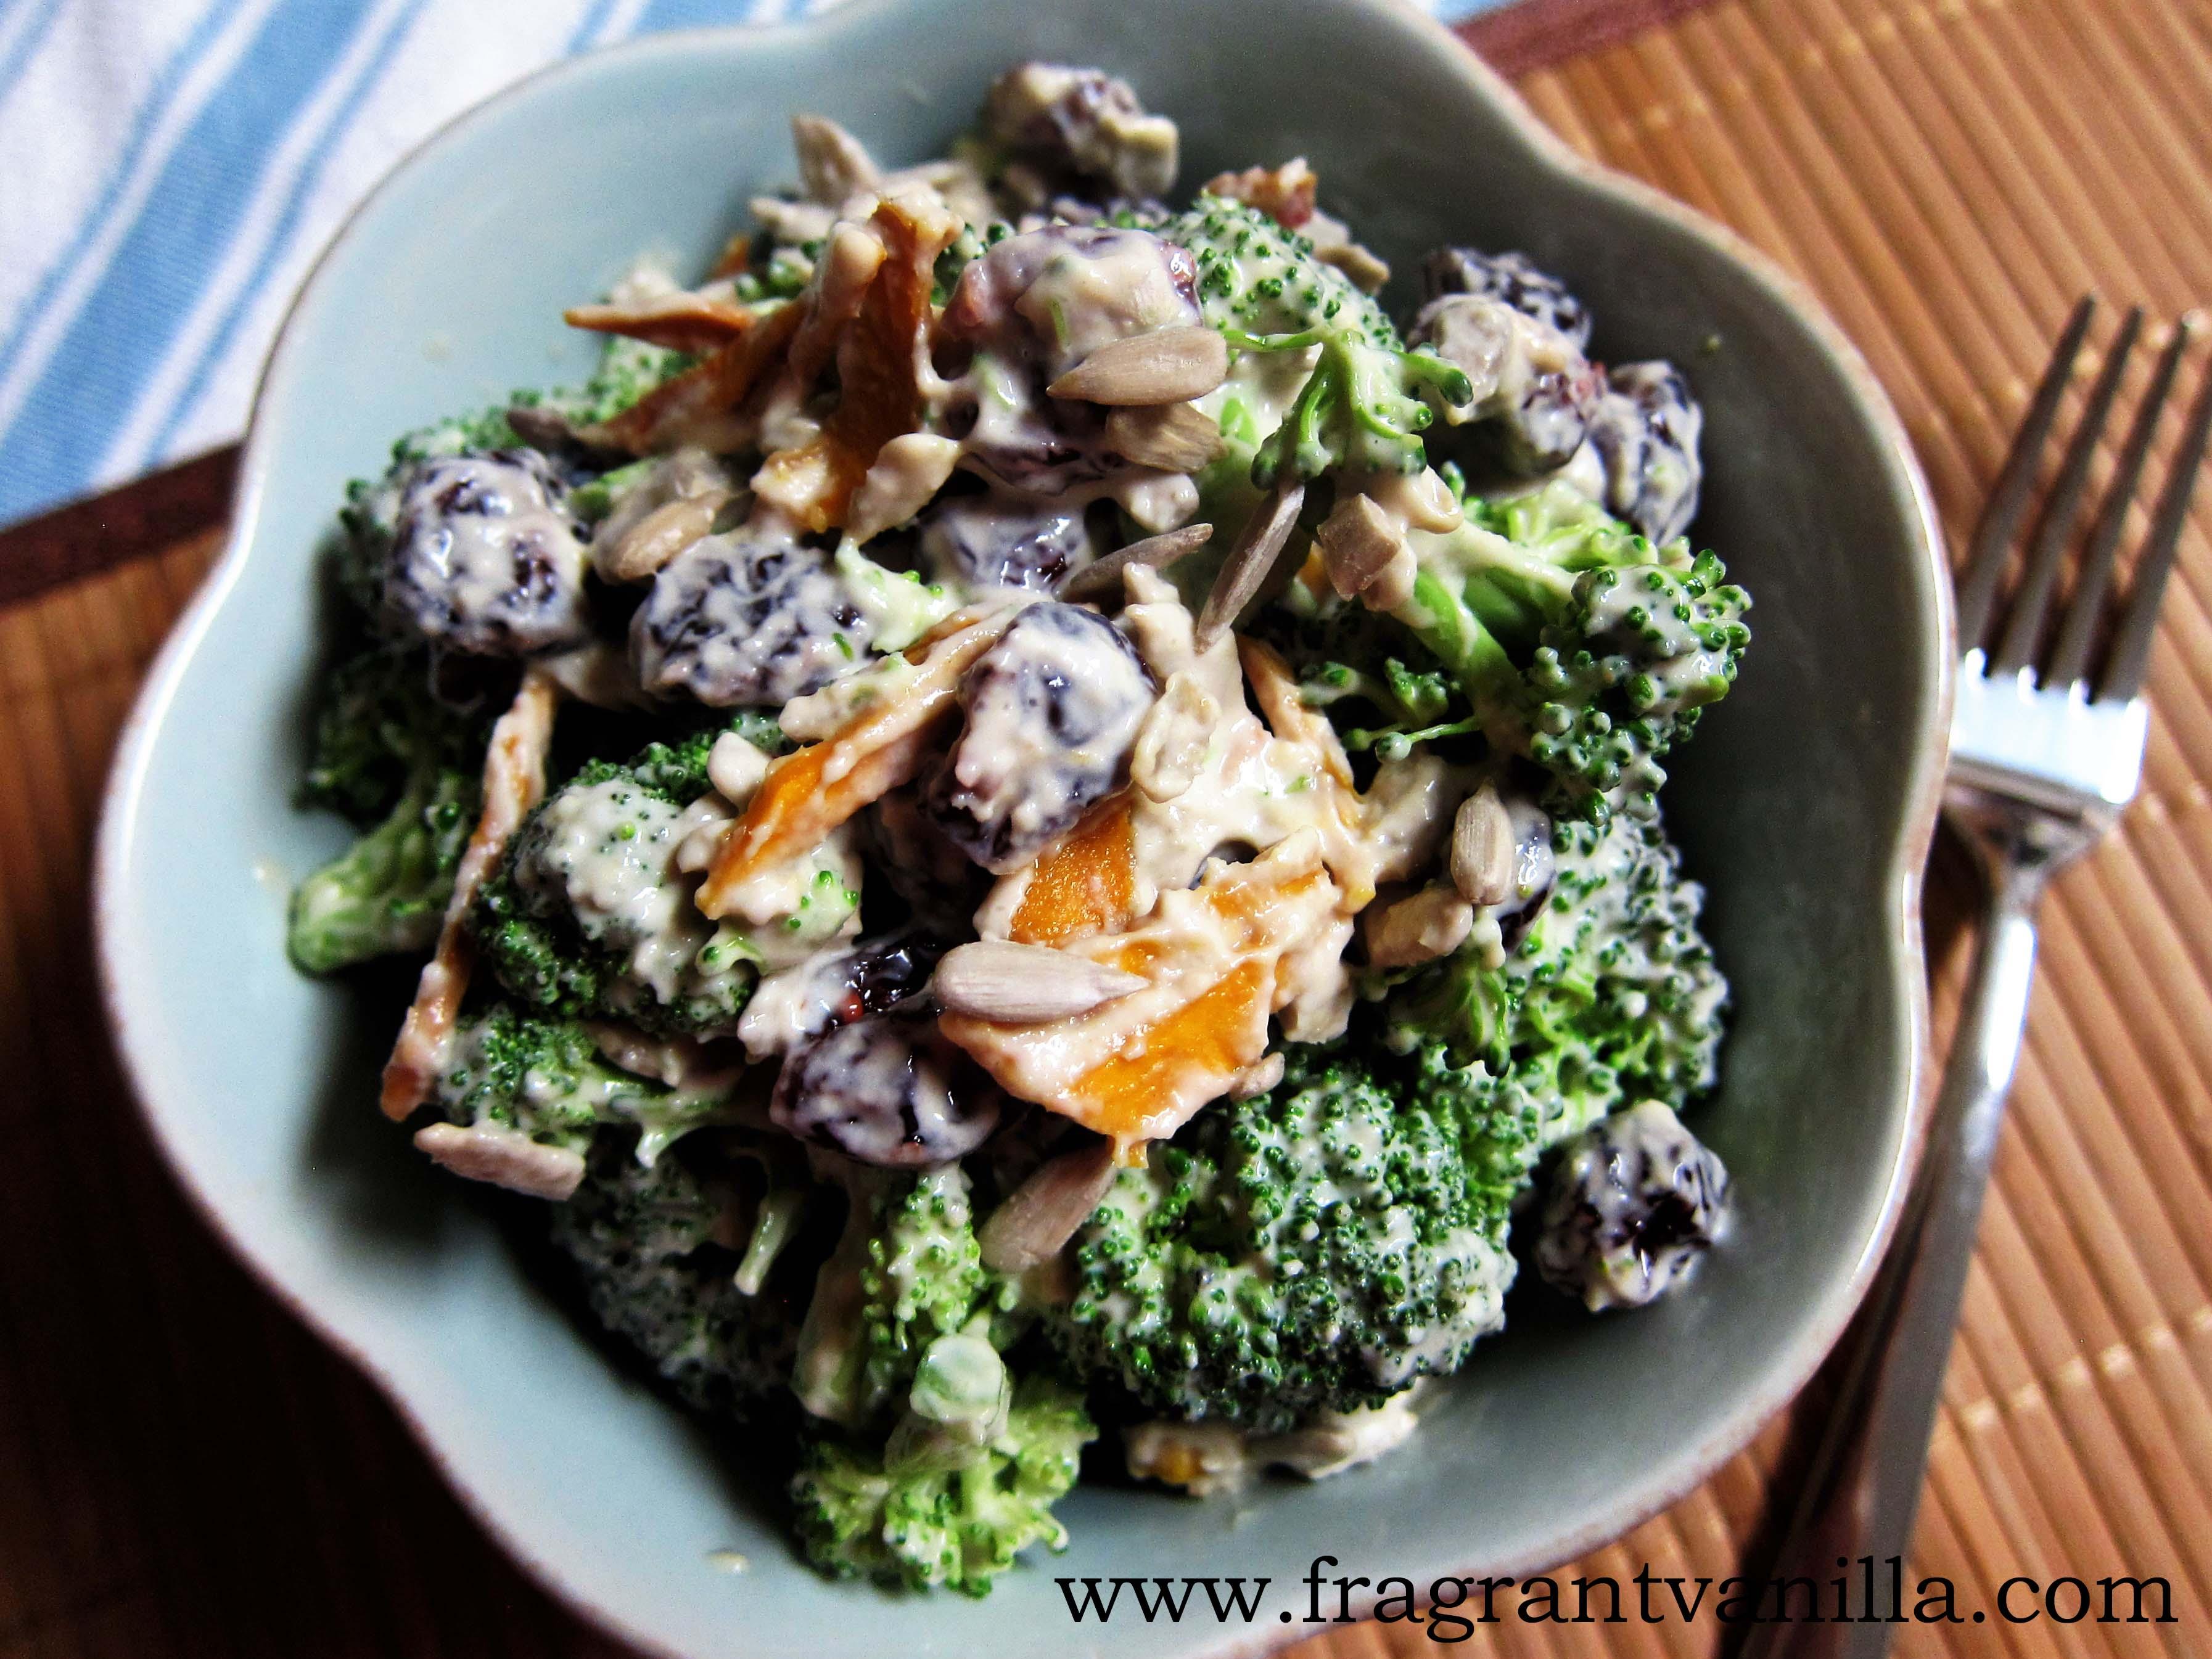 Tahini Broccoli Salad